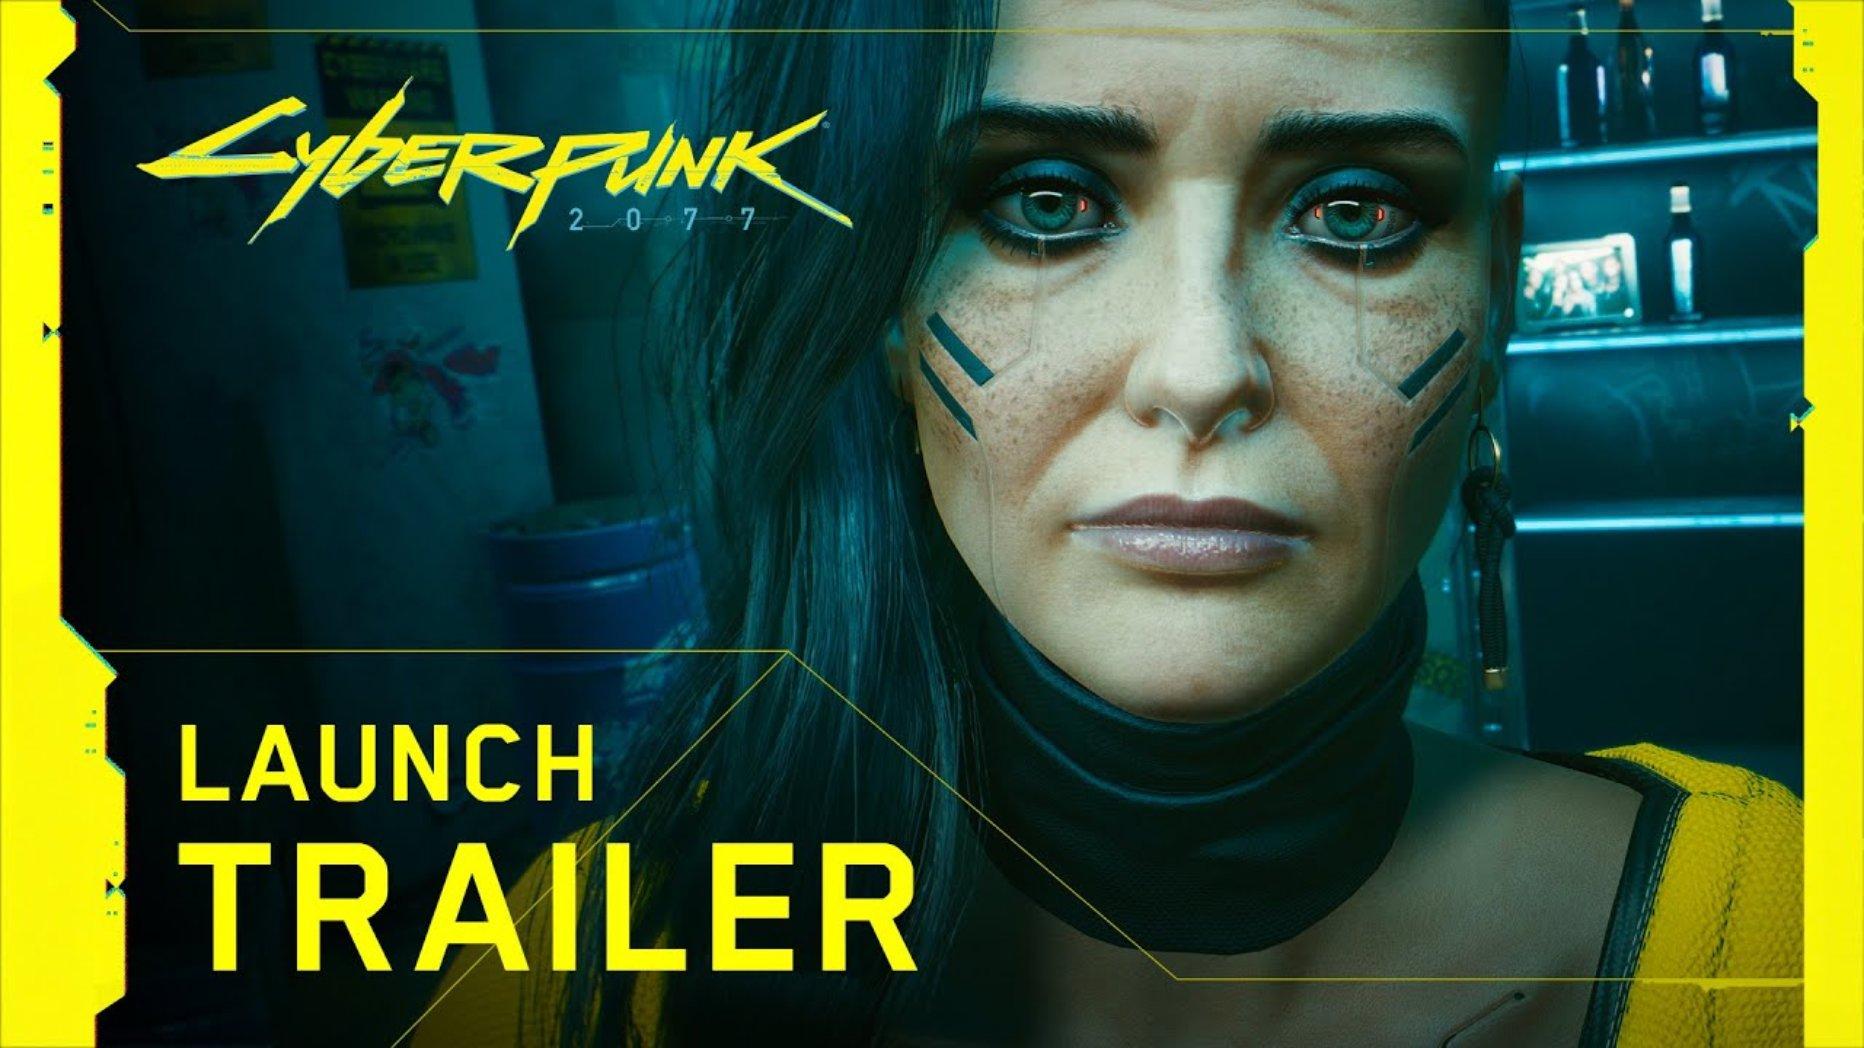 WATCH: Cyberpunk 2077 is FINALLY here – It's Launch Trailer Time